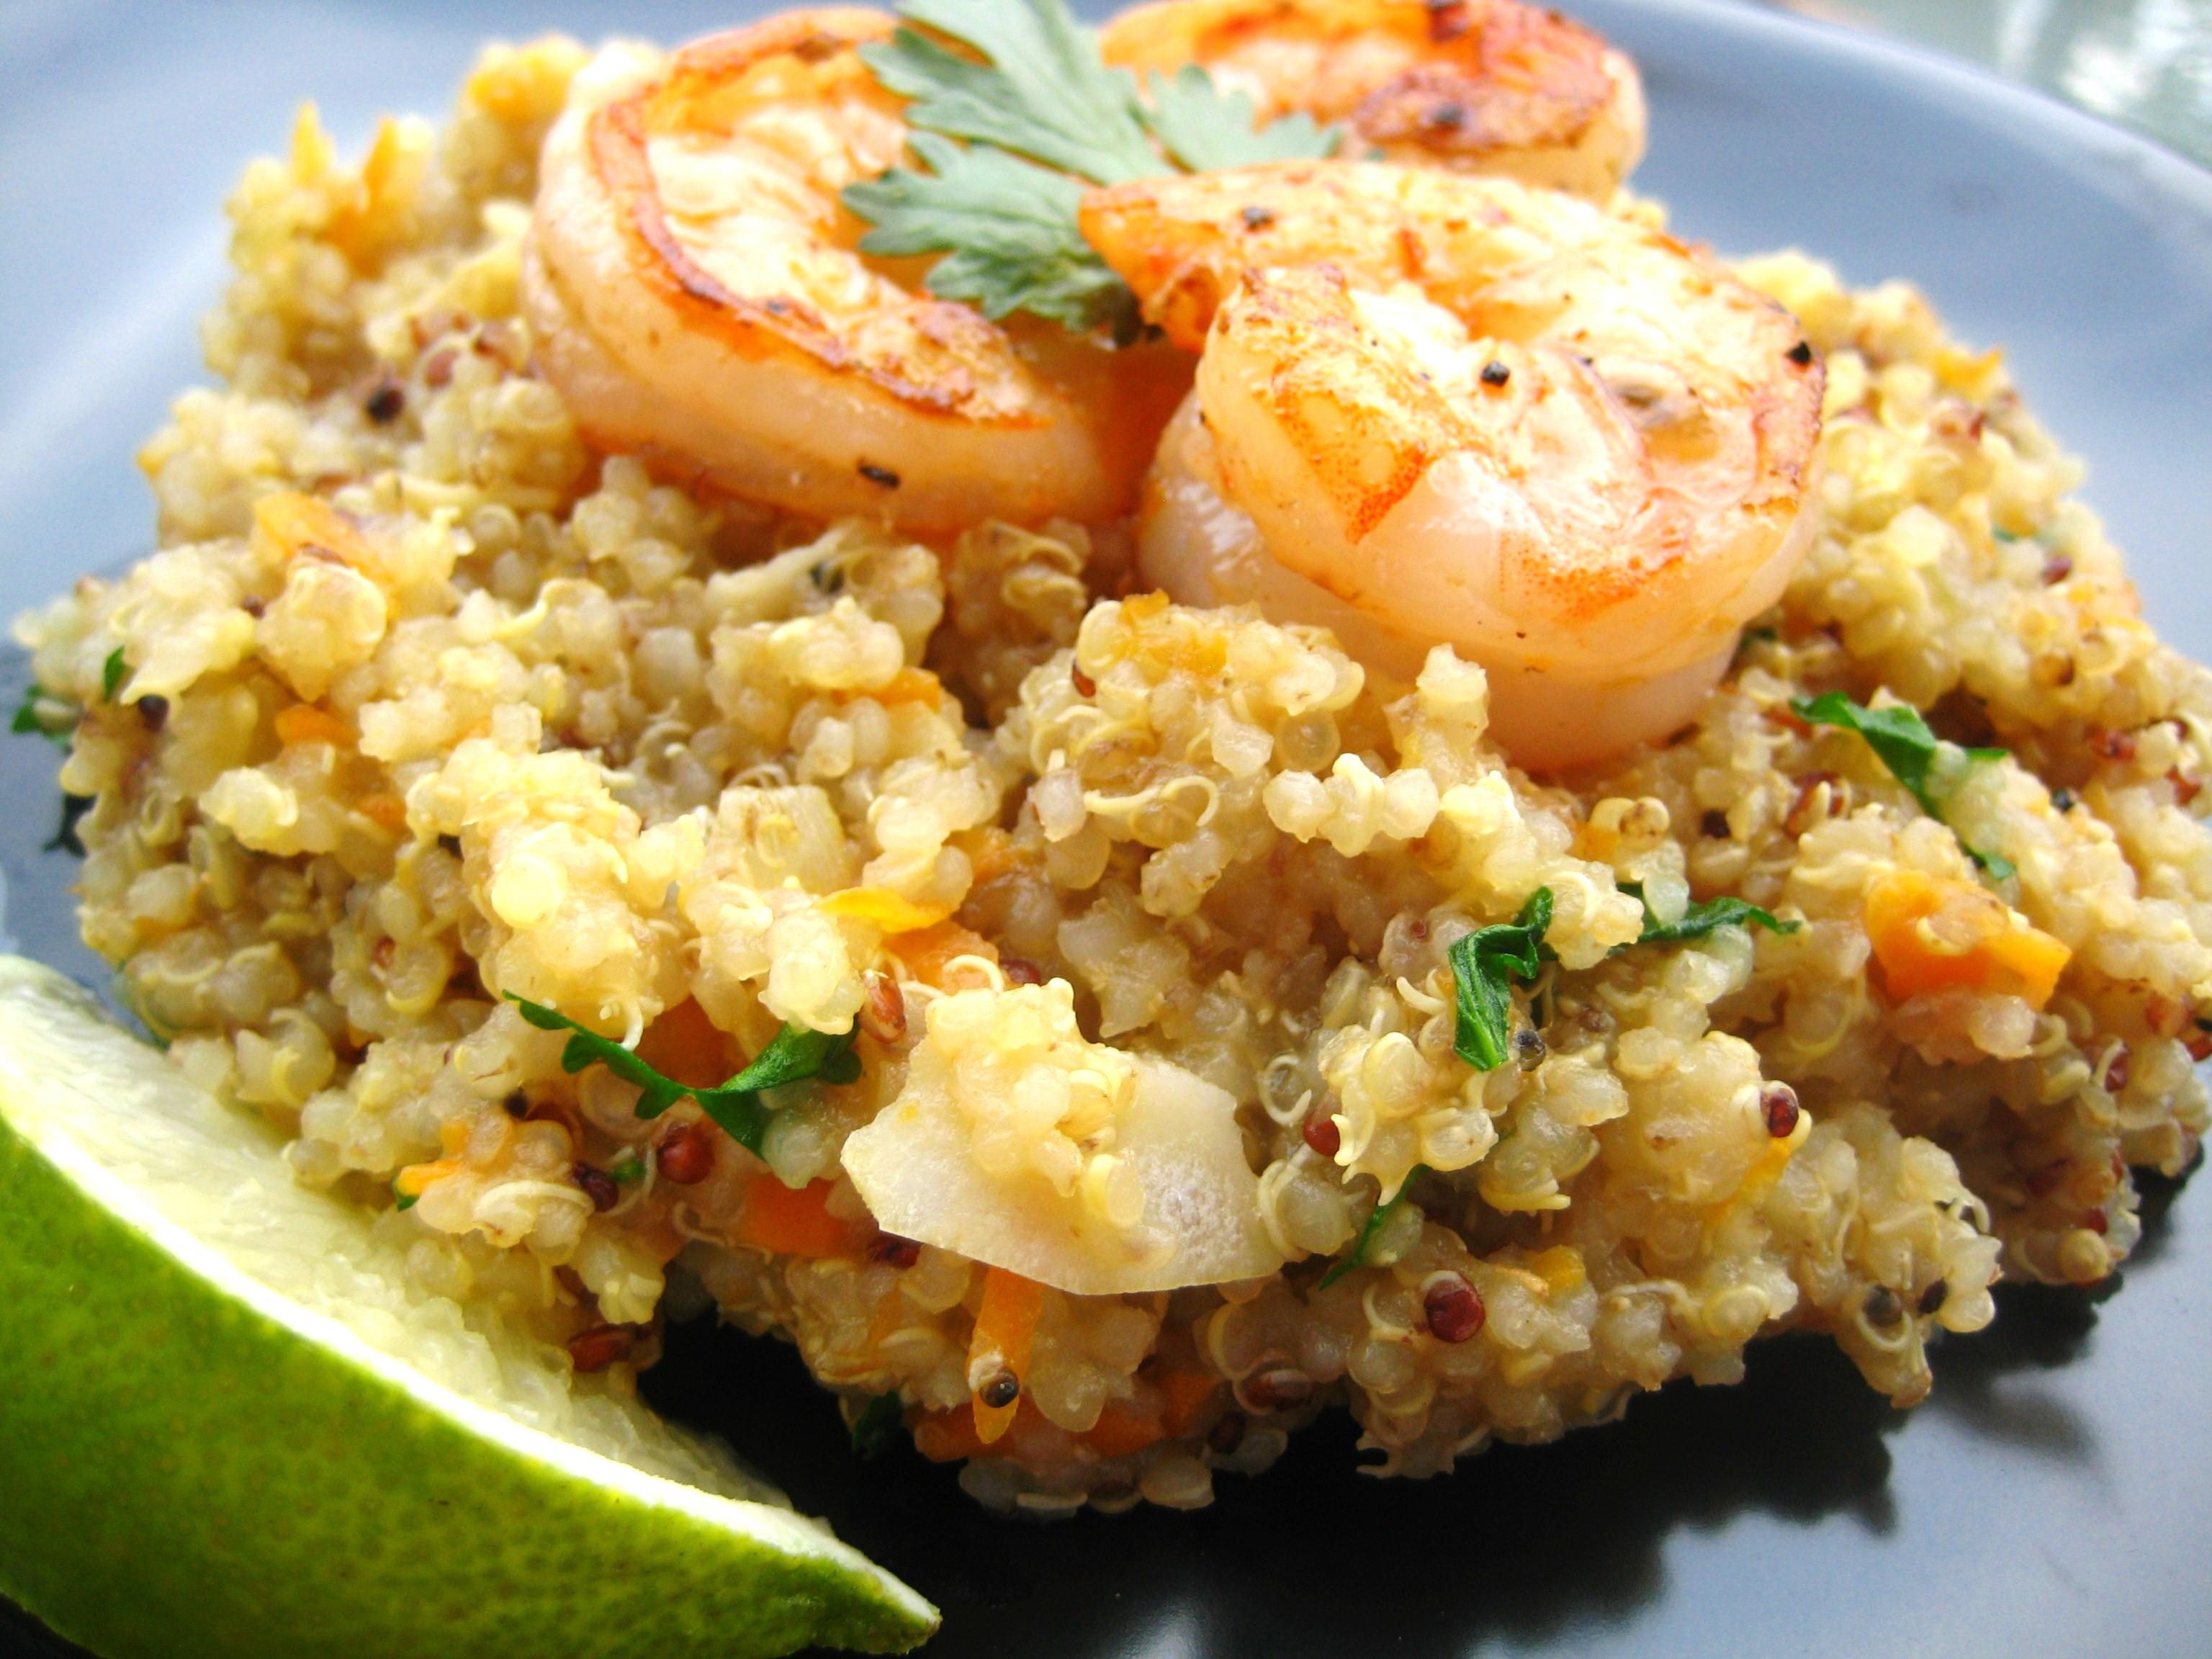 Shrimp And Quinoa  Shrimp Quinoa Recipe — Dishmaps